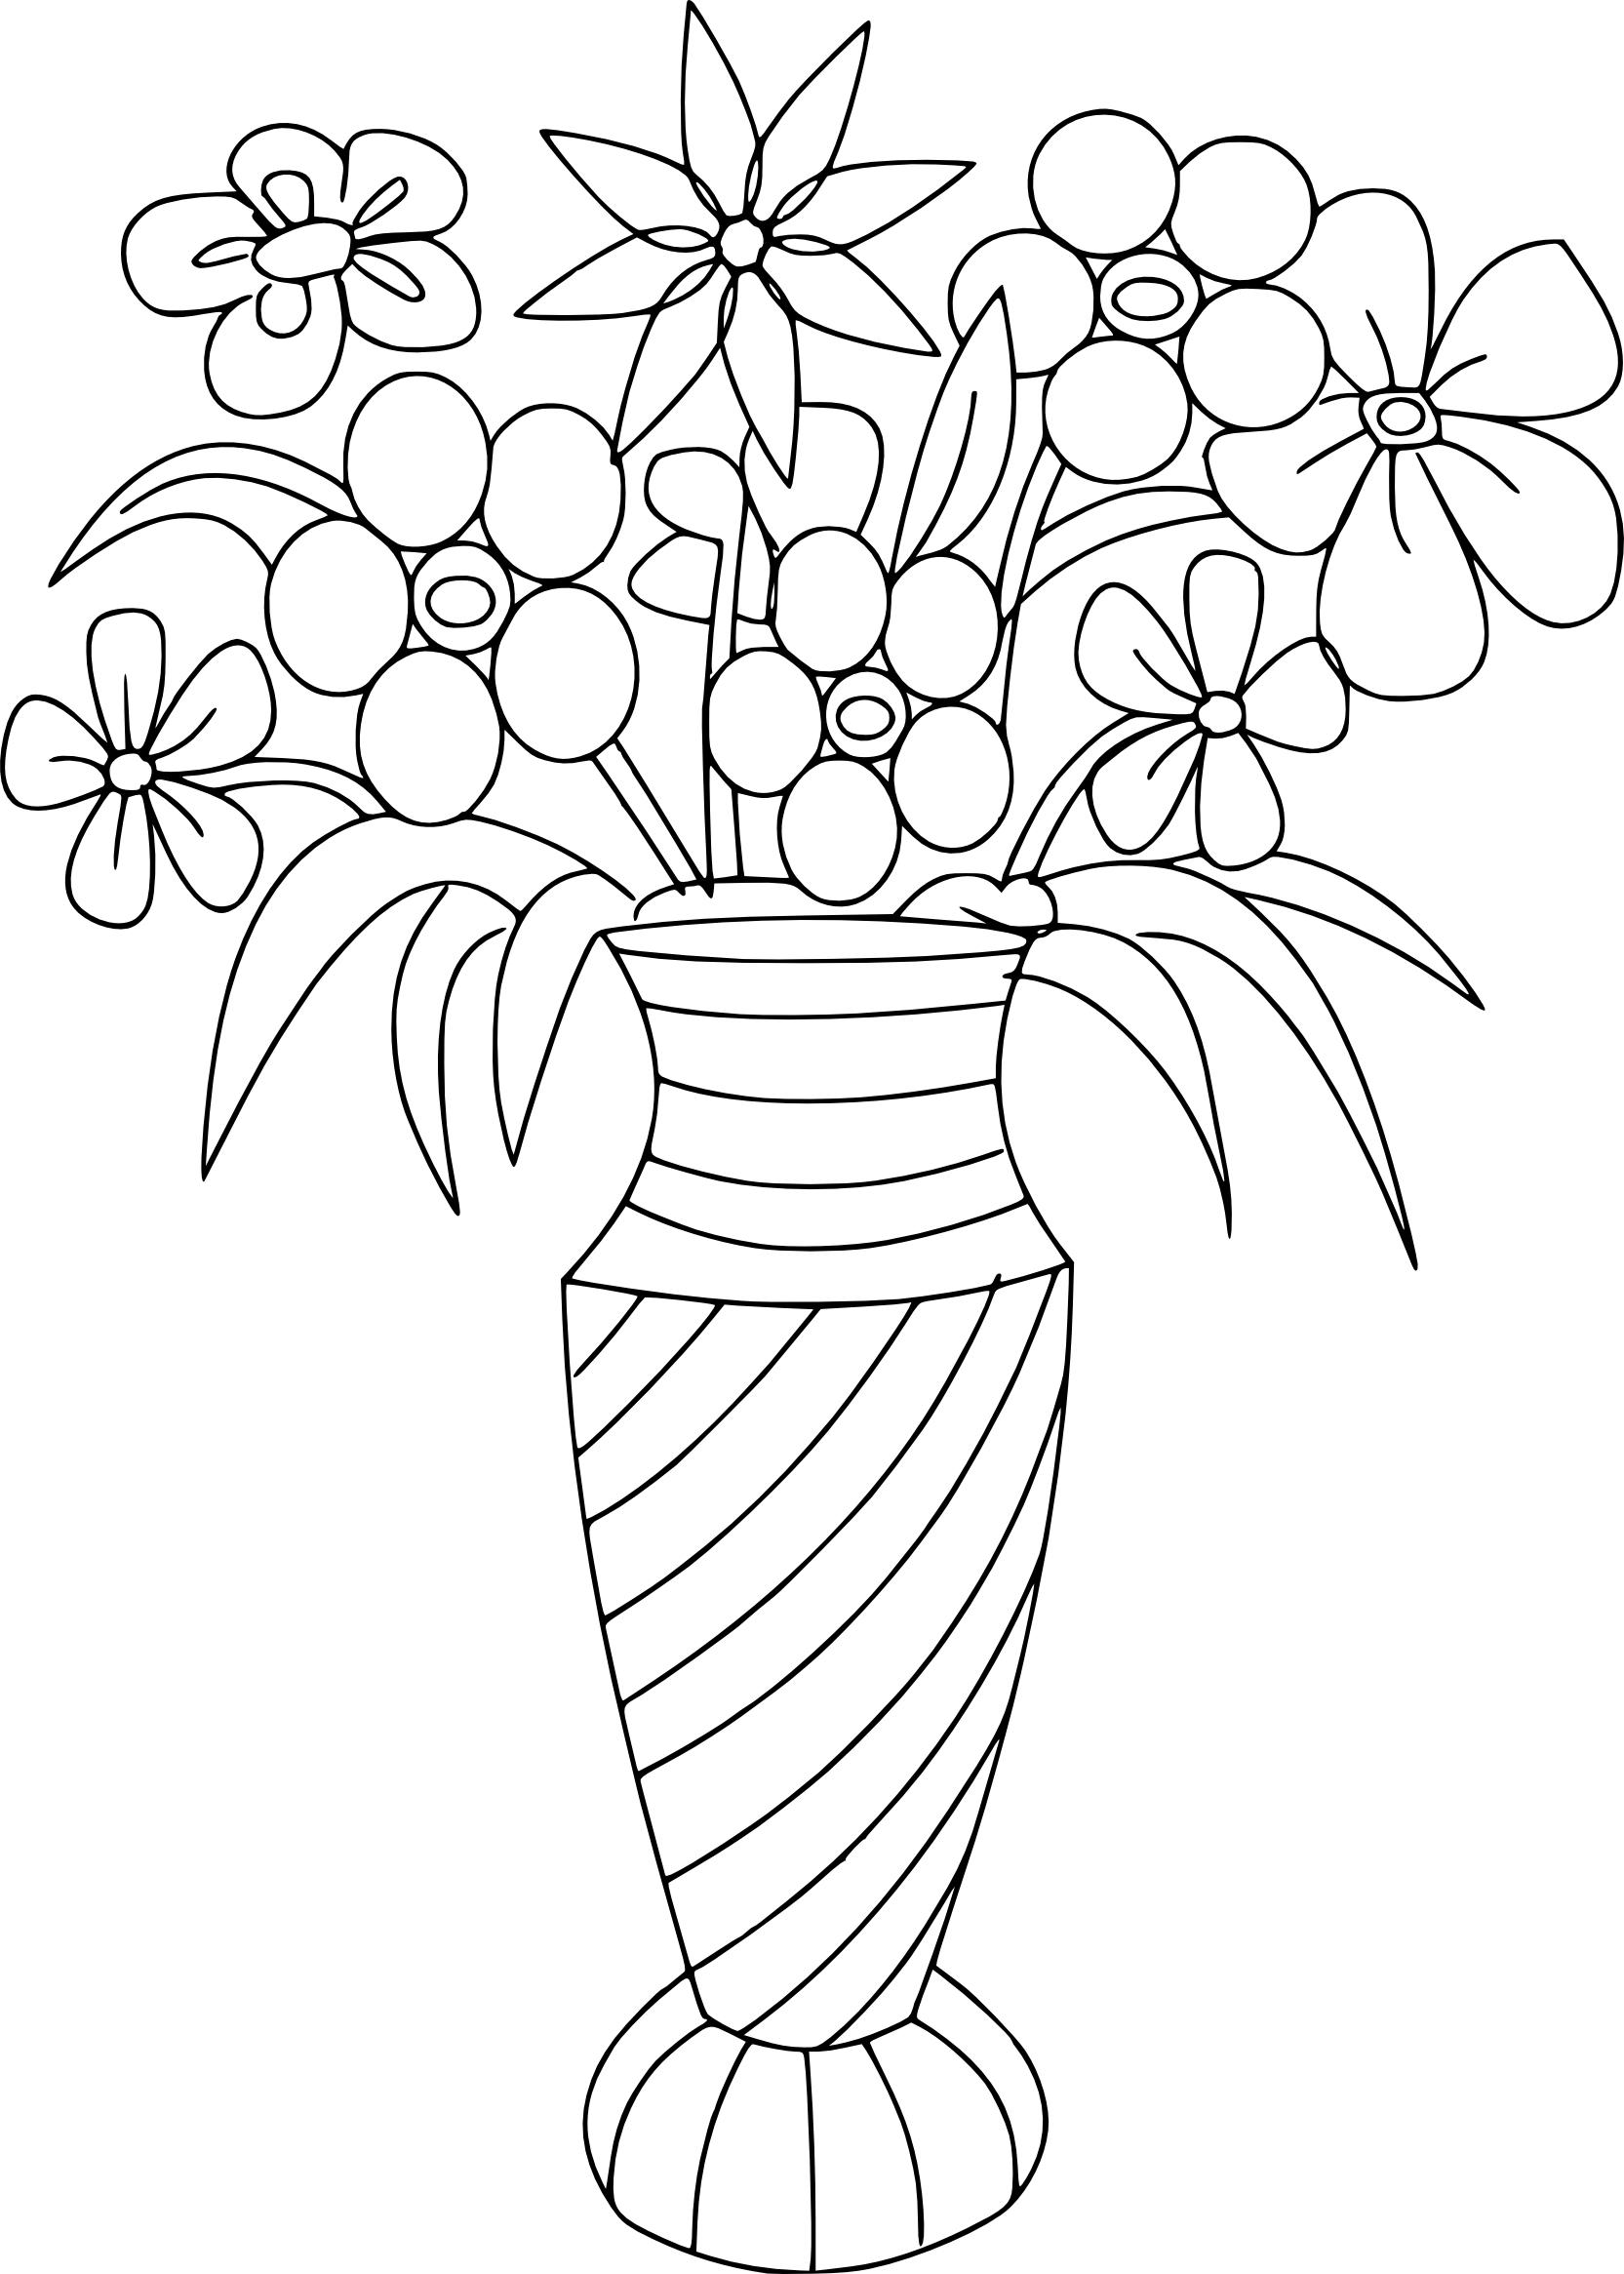 Tranh tô màu bình hoa cực đơn giản